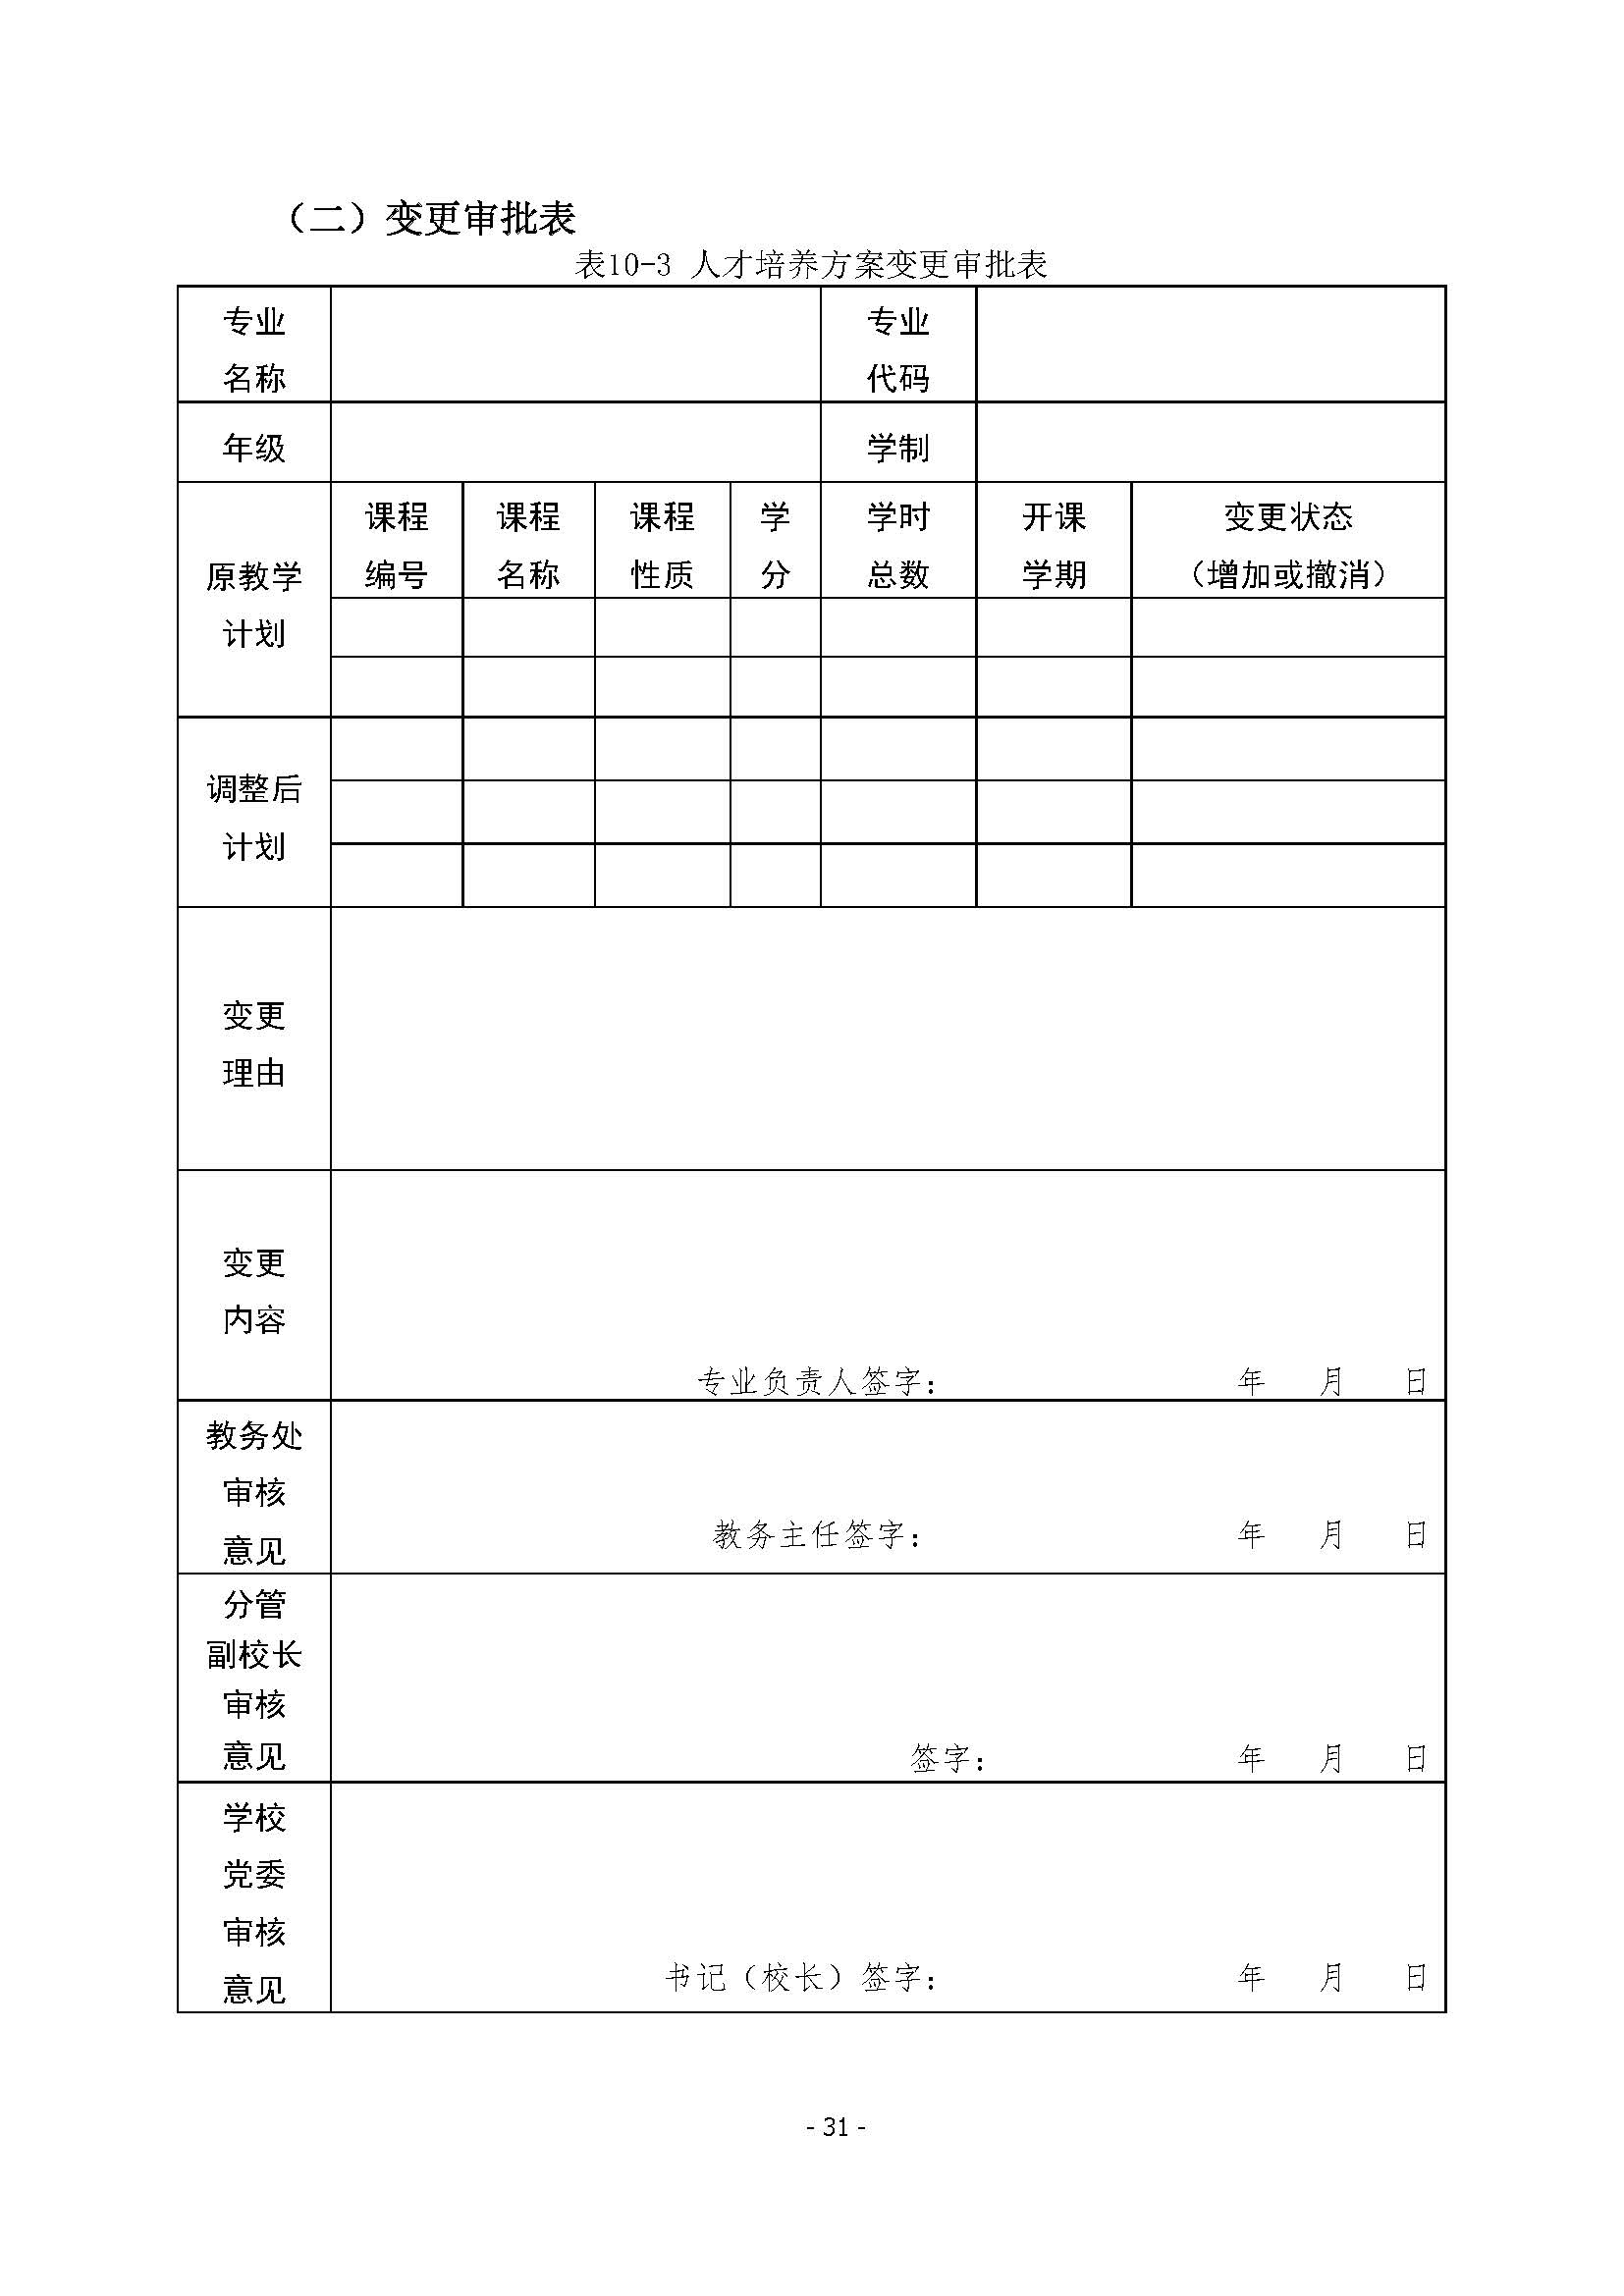 畜牧兽医专业人才培养方案(修订稿)-10-9_页面_33.jpg